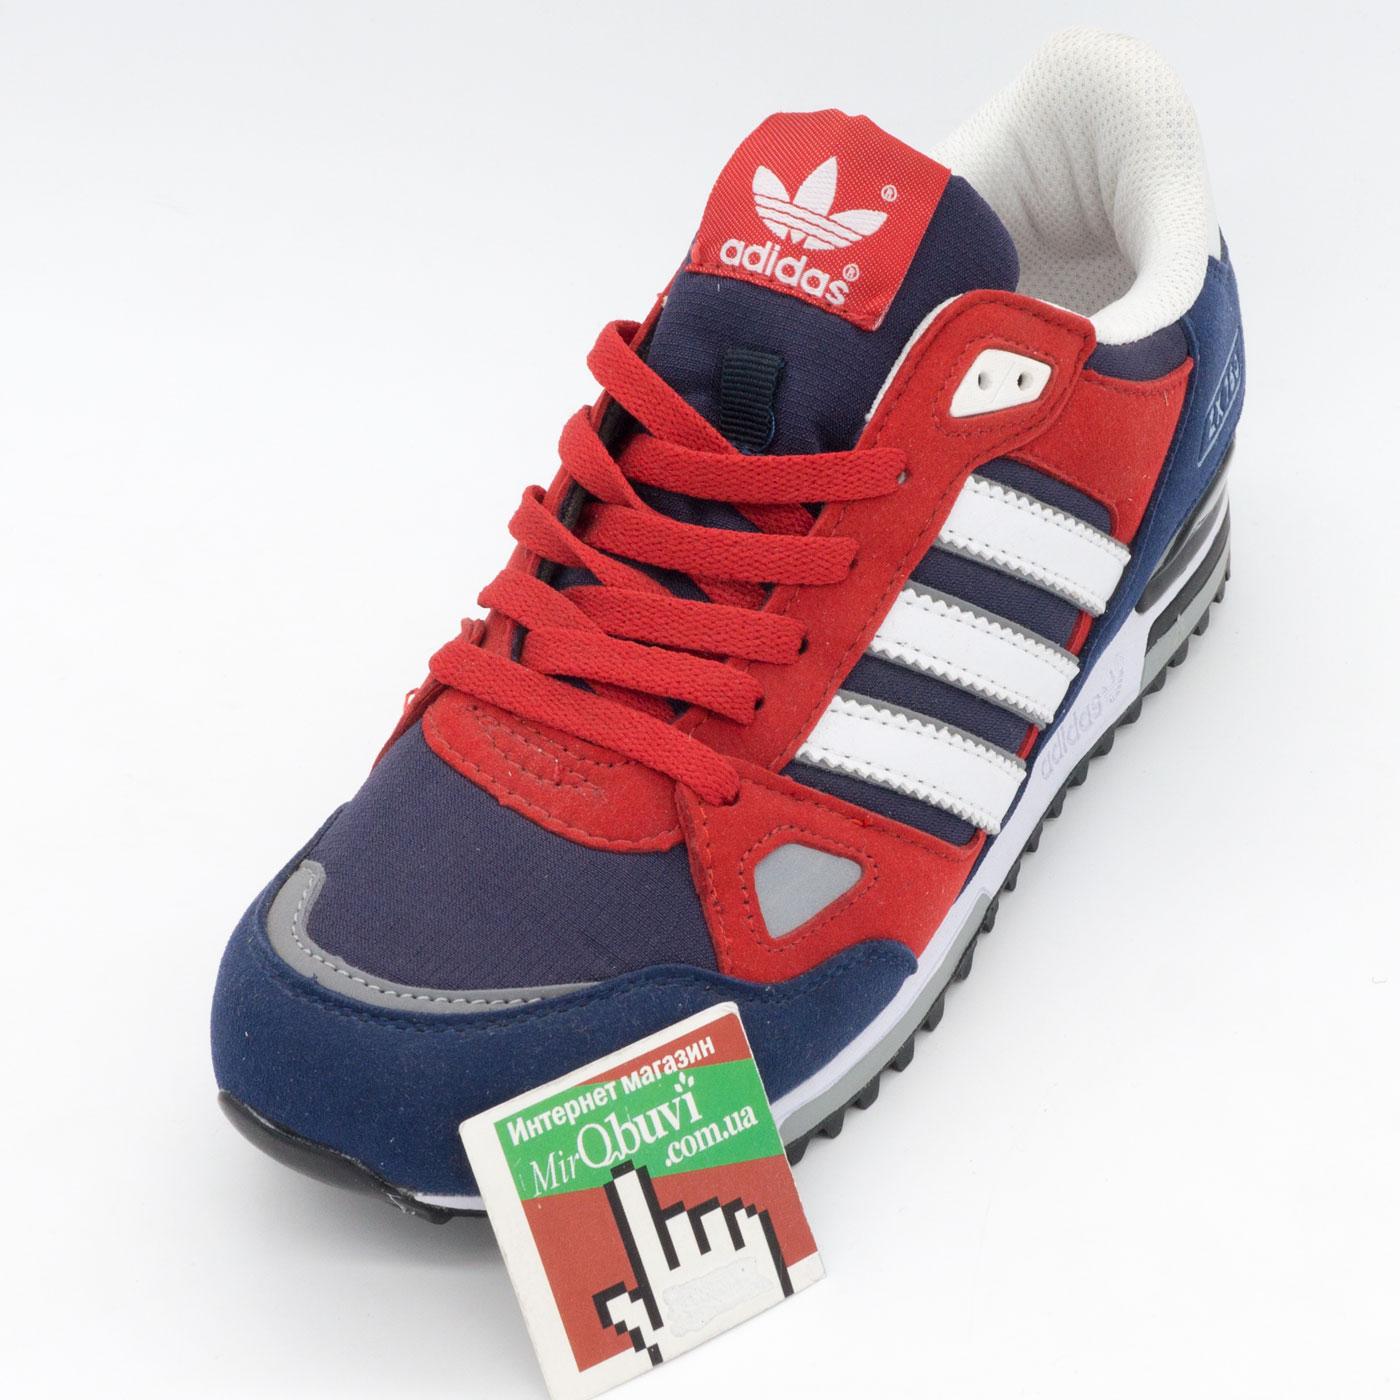 фото front Мужские кроссовки Adidas zx750 синие с красным - Топ качество! front